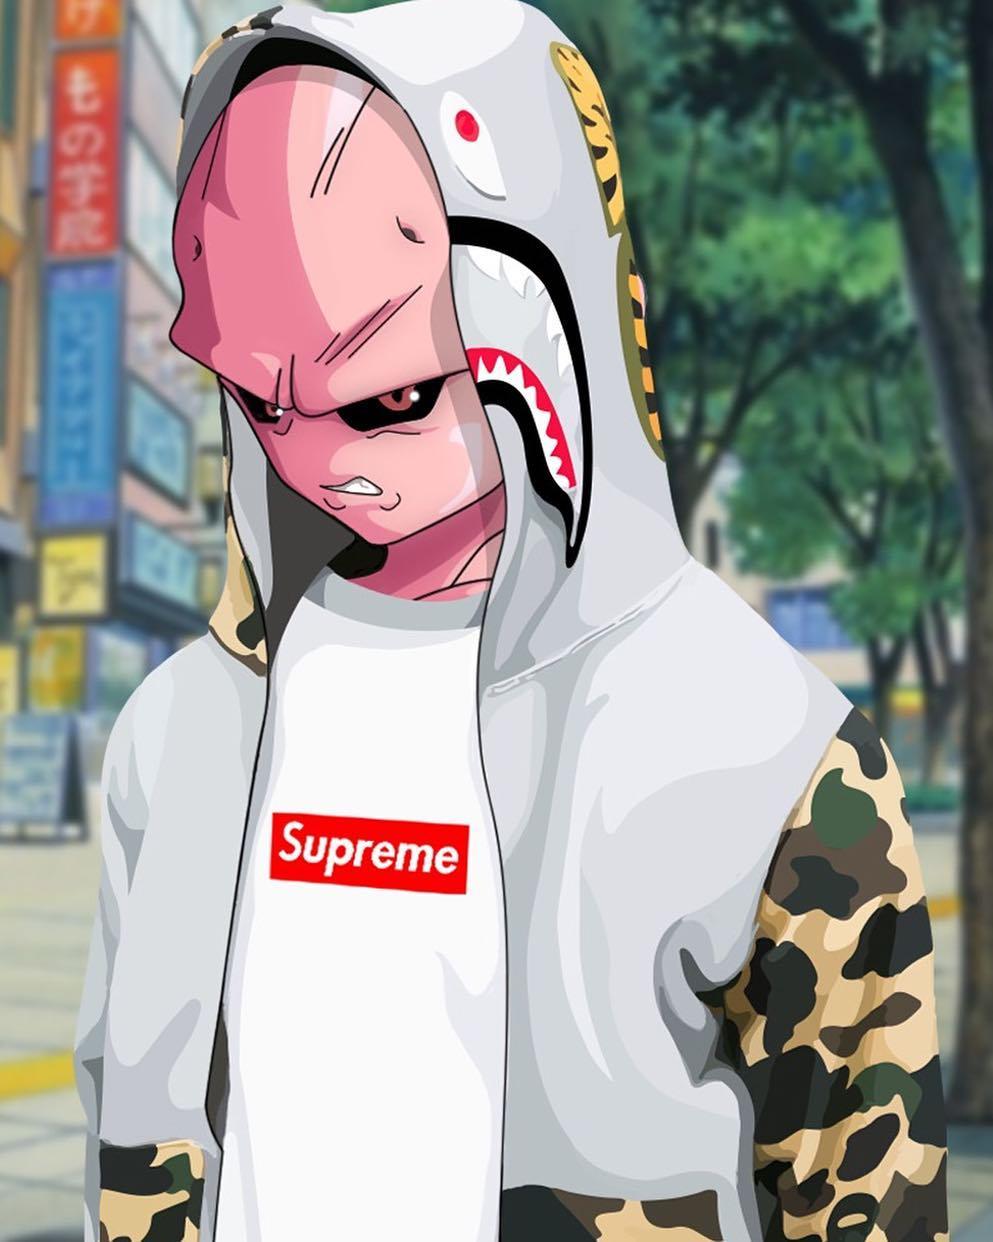 Hypebeast Supreme Bape Gucci Wallpaper